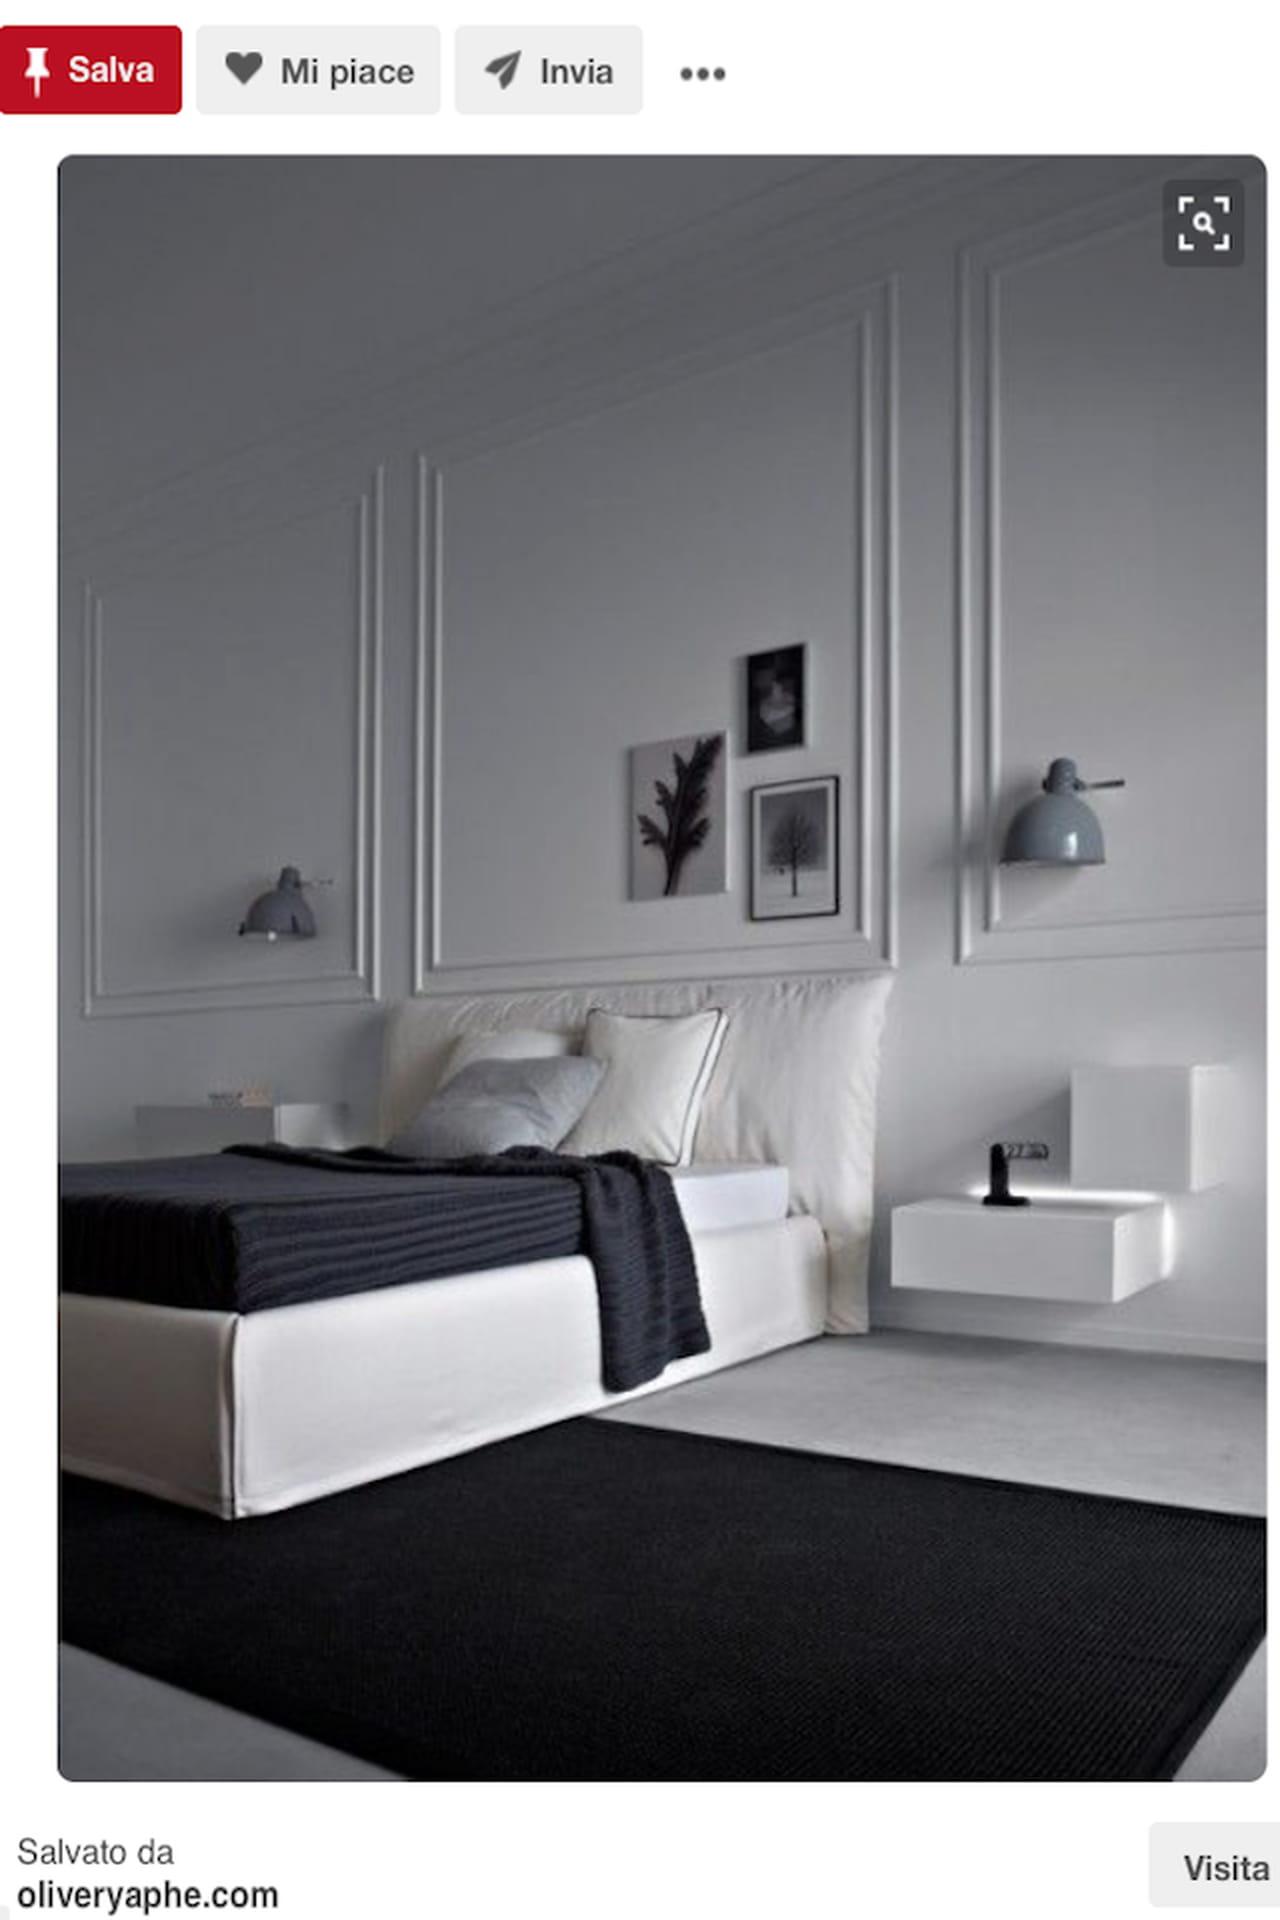 Testiera letto fai da te idee da pinterest - Testiera letto singolo fai da te ...